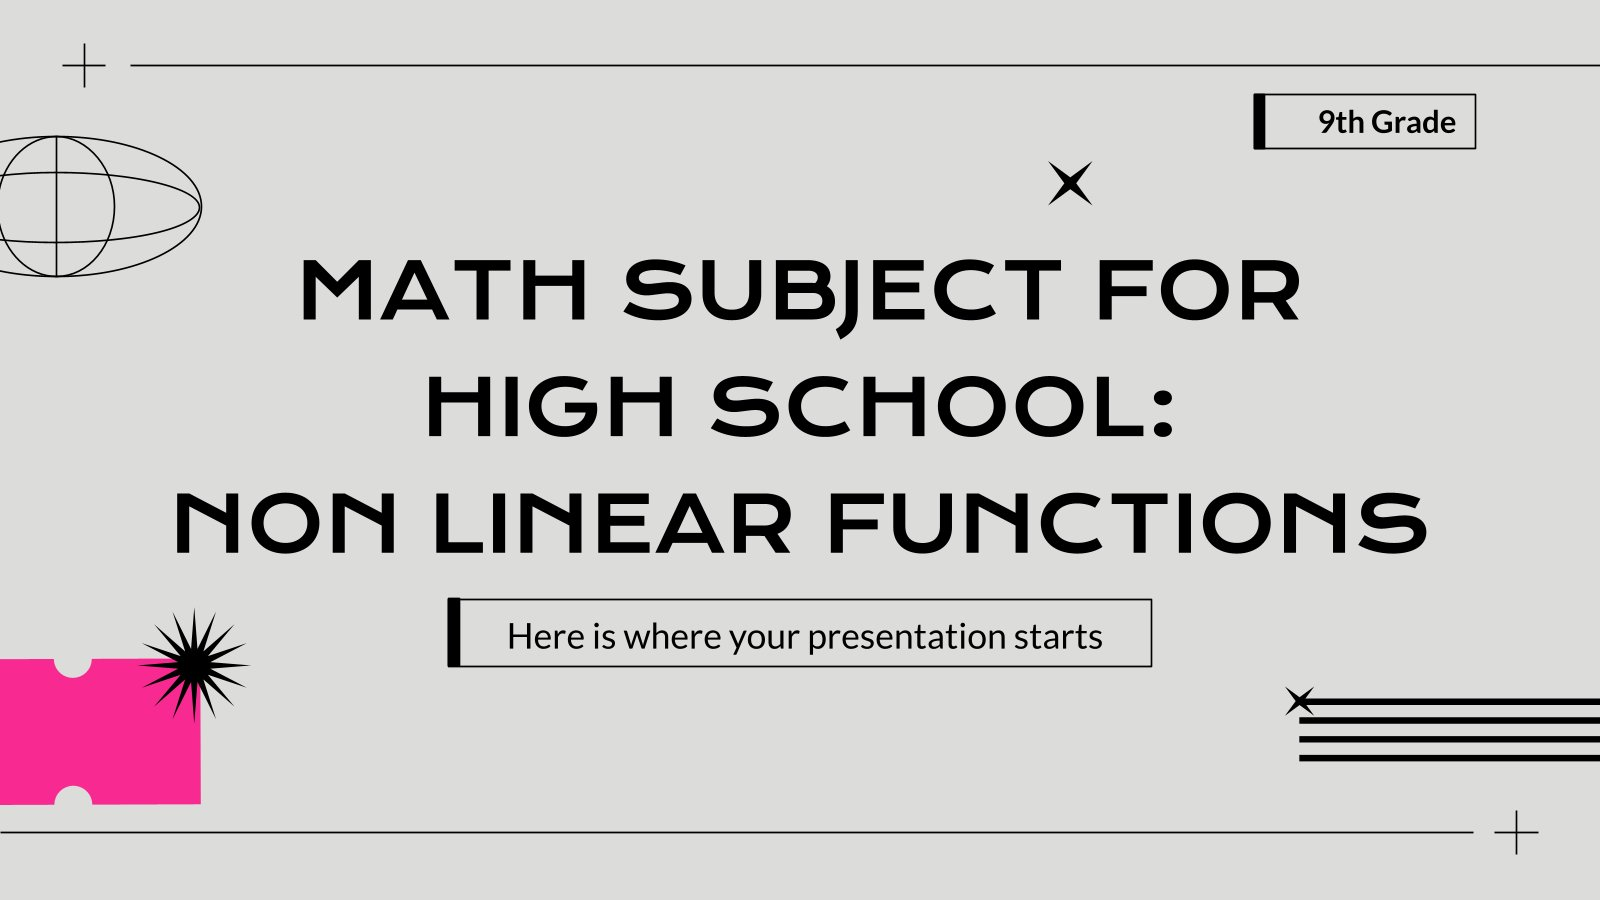 Fonctions non linéaires pour le lycée : Modèles de présentation